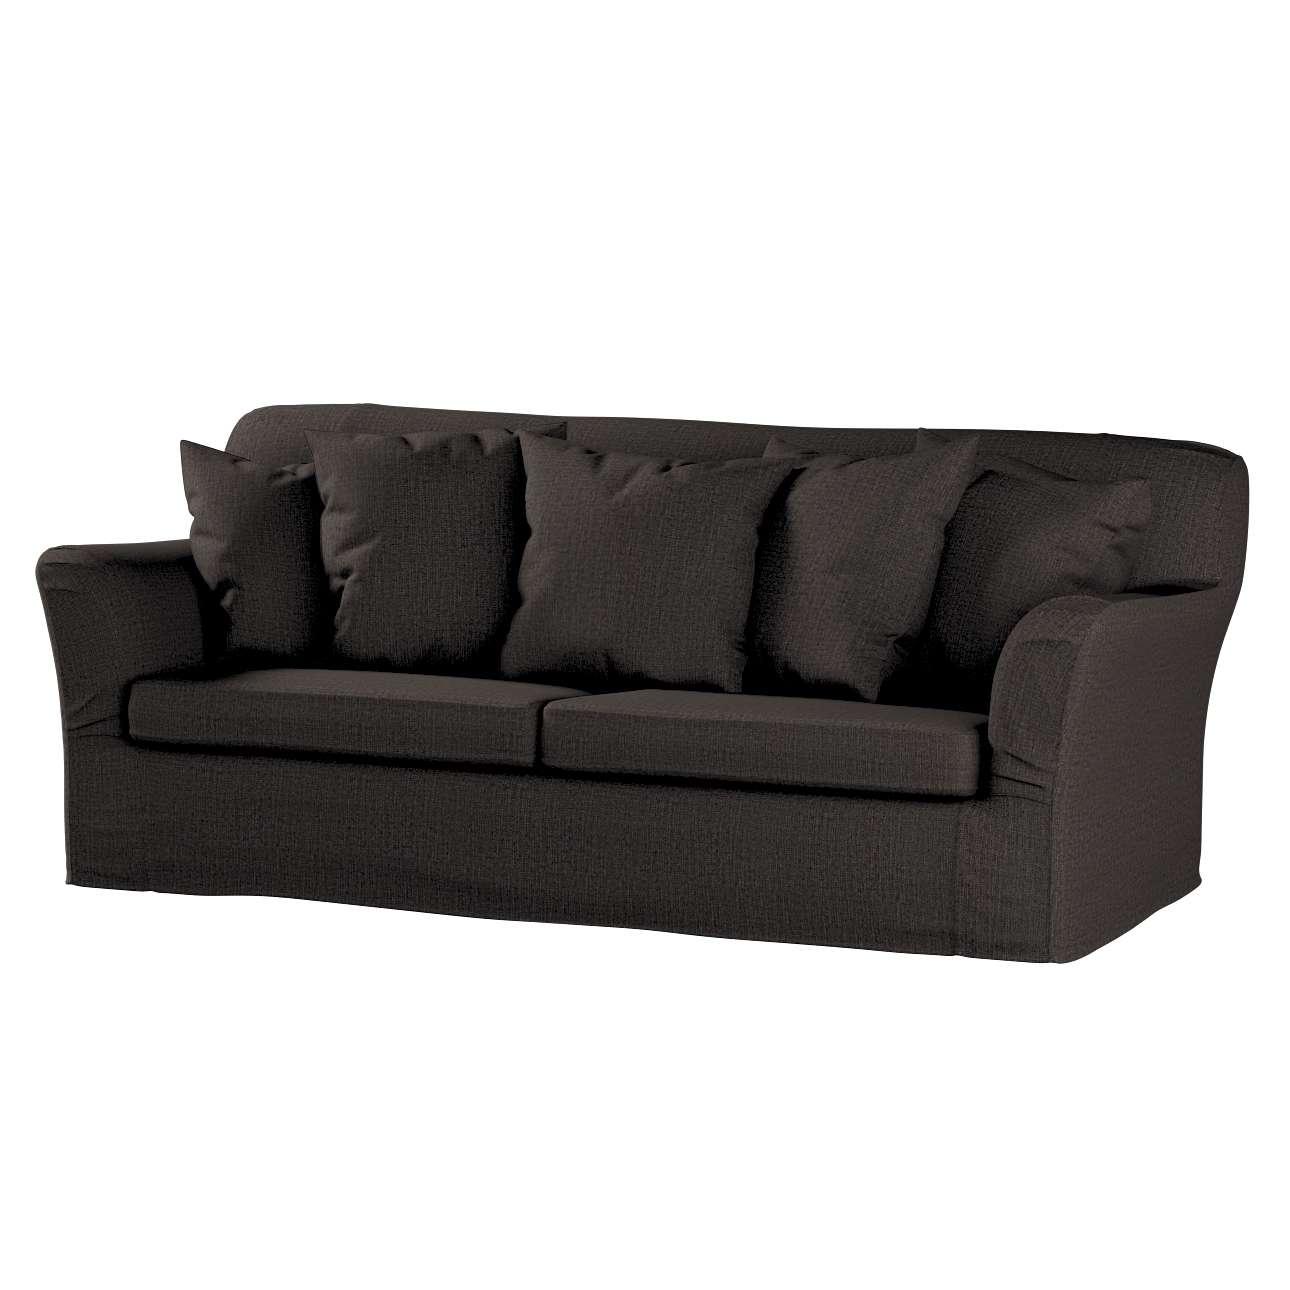 Pokrowiec na sofę Tomelilla 3-osobową rozkładaną Sofa Tomelilla rozkładana w kolekcji Vintage, tkanina: 702-36